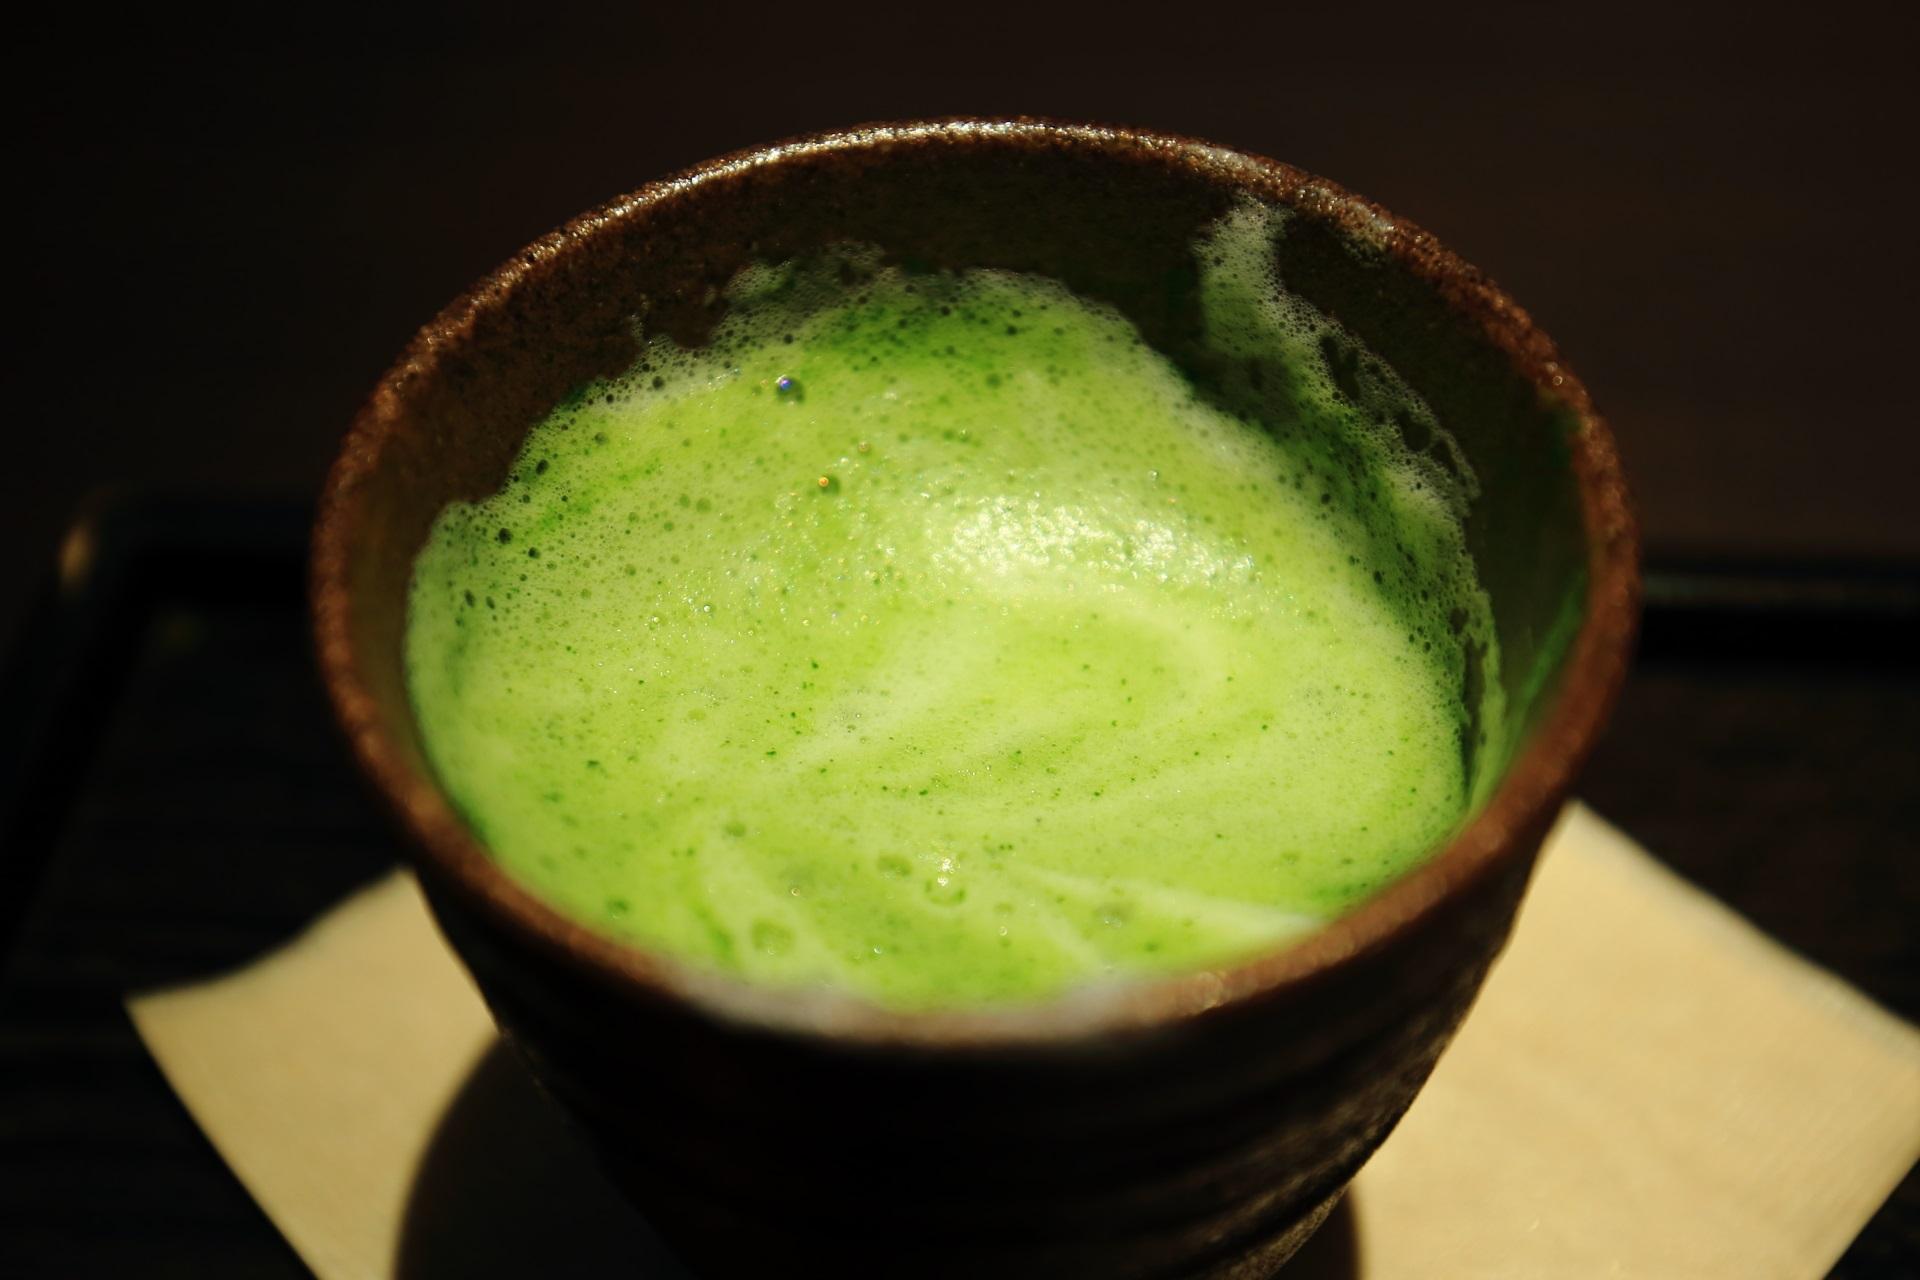 抹茶ラテ 美味しい 茶寮翠泉 さりょうすいせん 甘味処